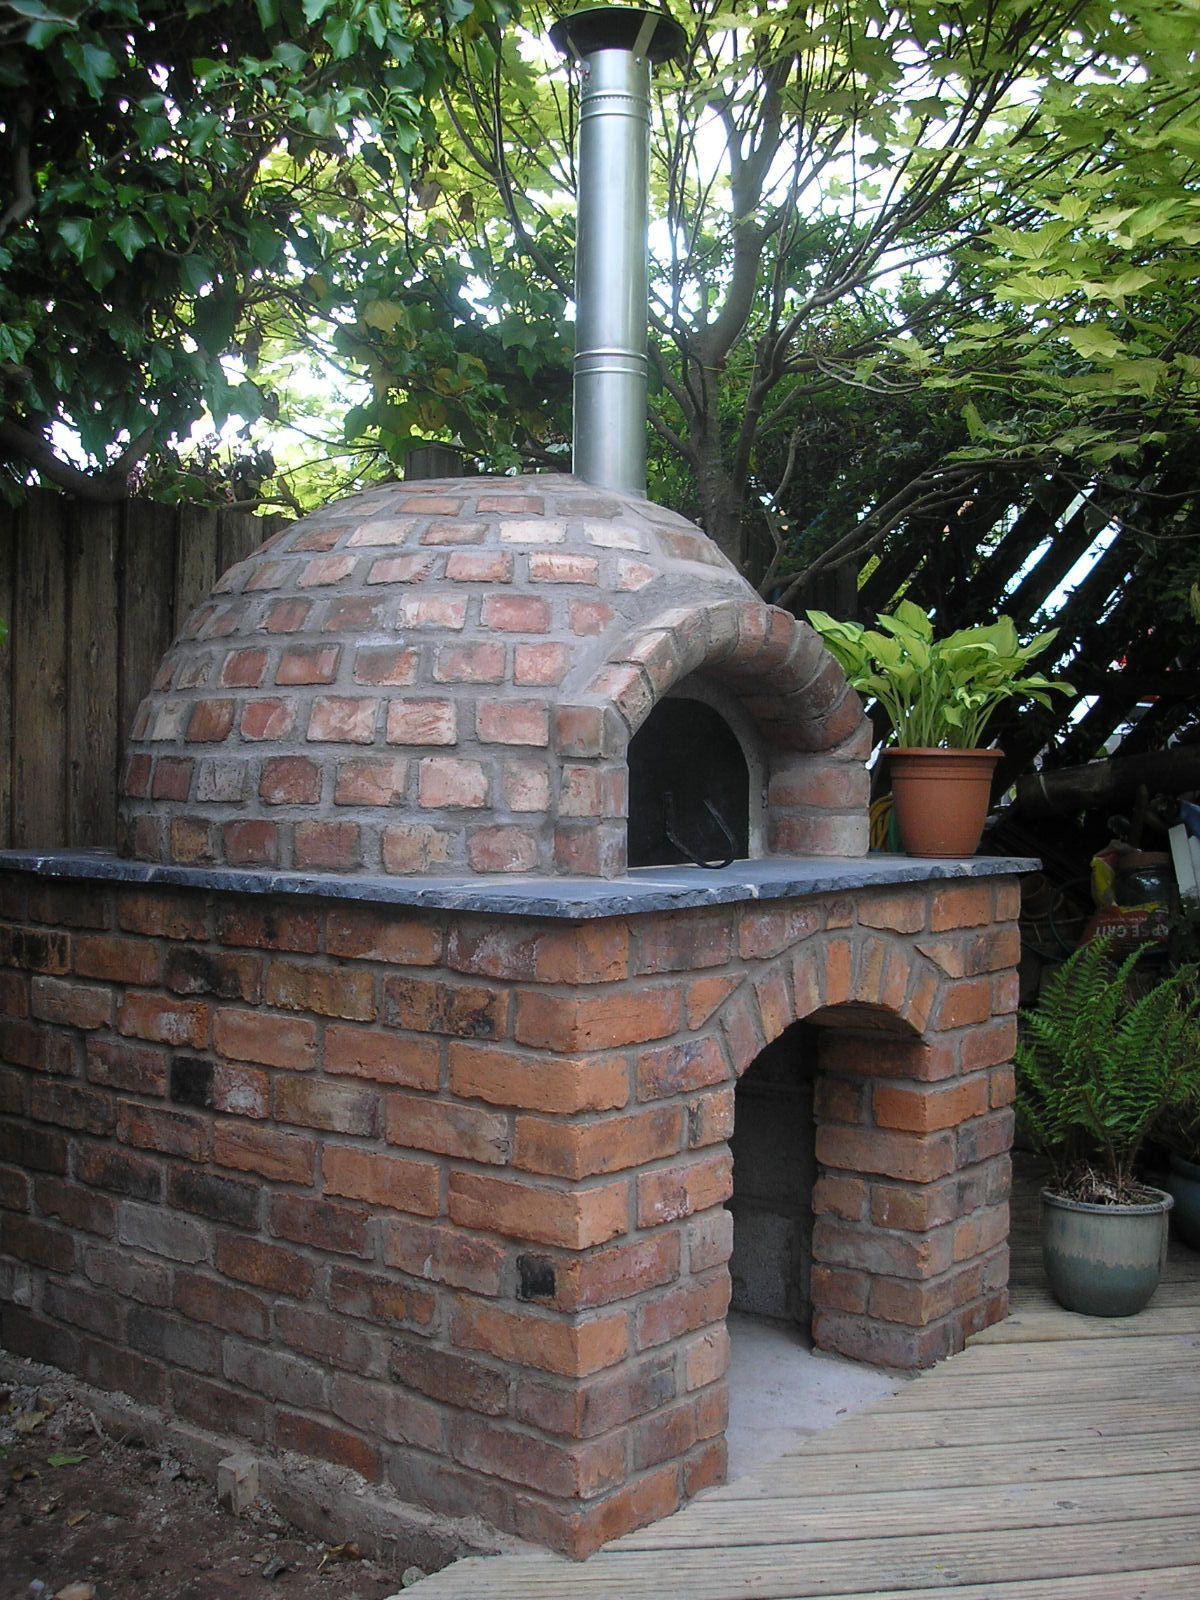 4539839943jpg 12001600 pixels pizza oven outdoor